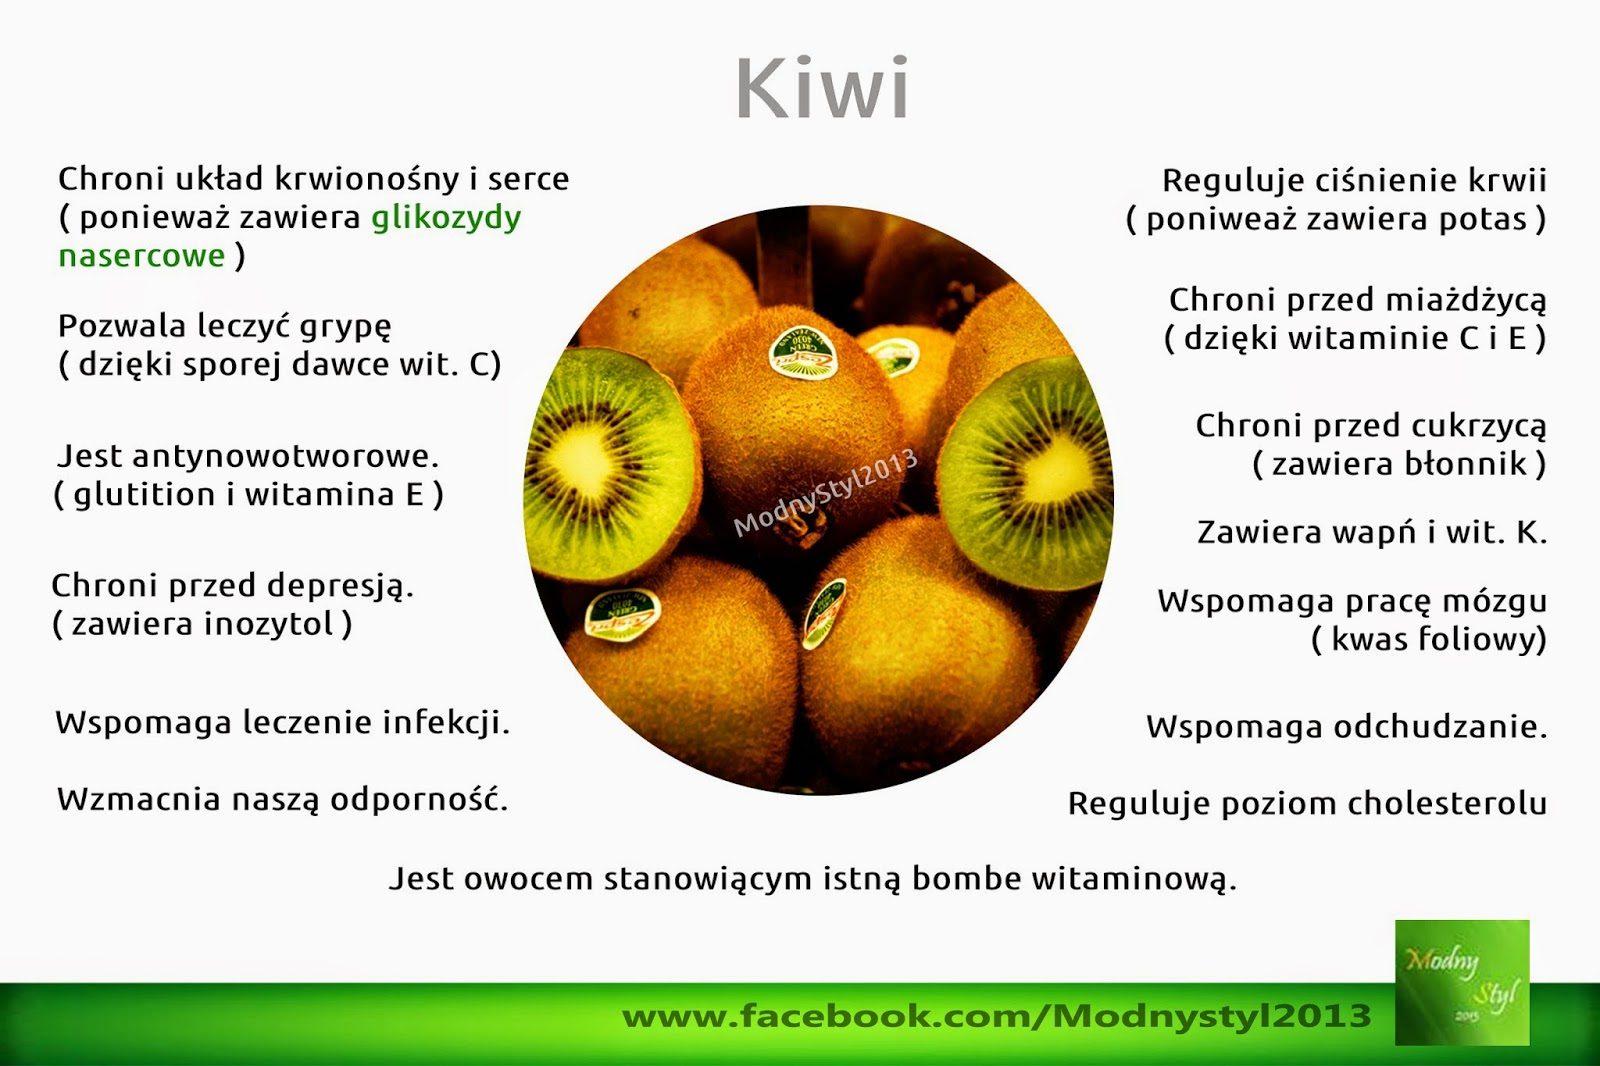 kiwi-1265688